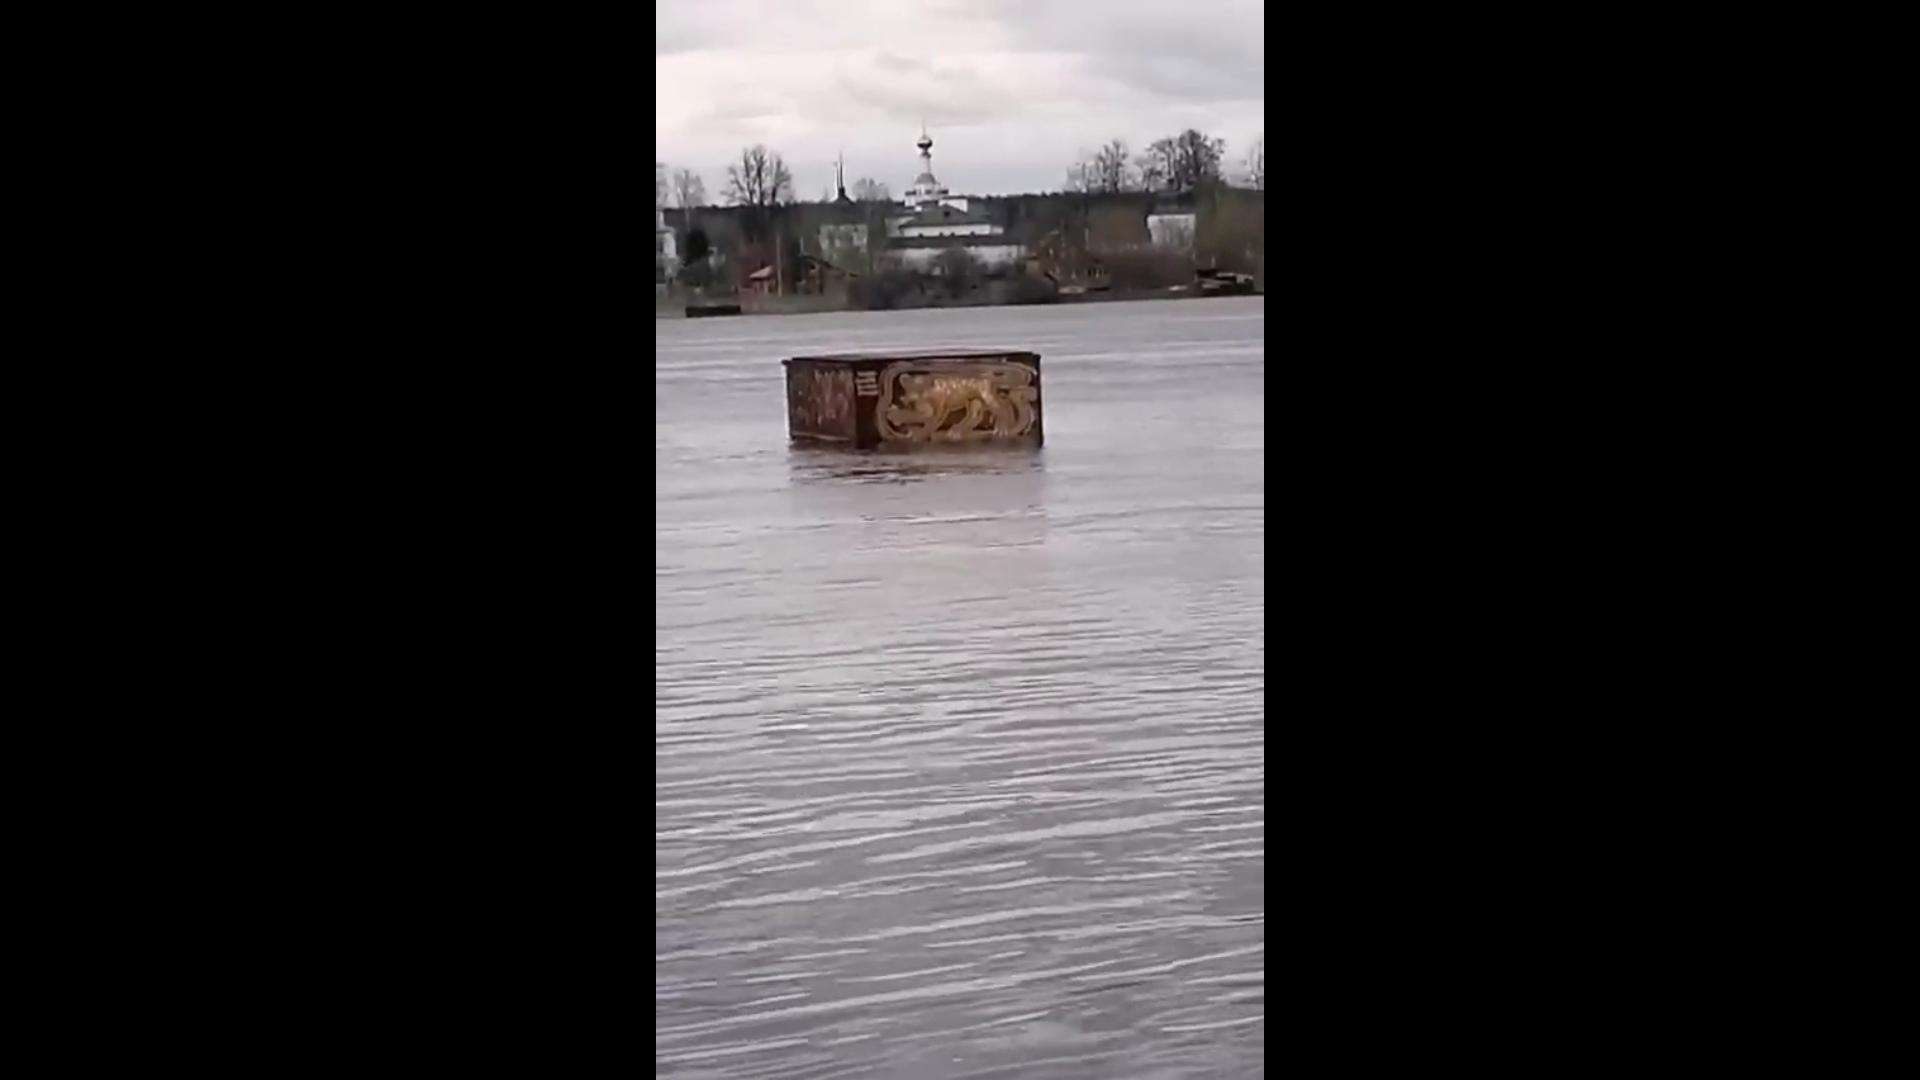 Ярославцы сфотографировали плывущий по Волге понтон